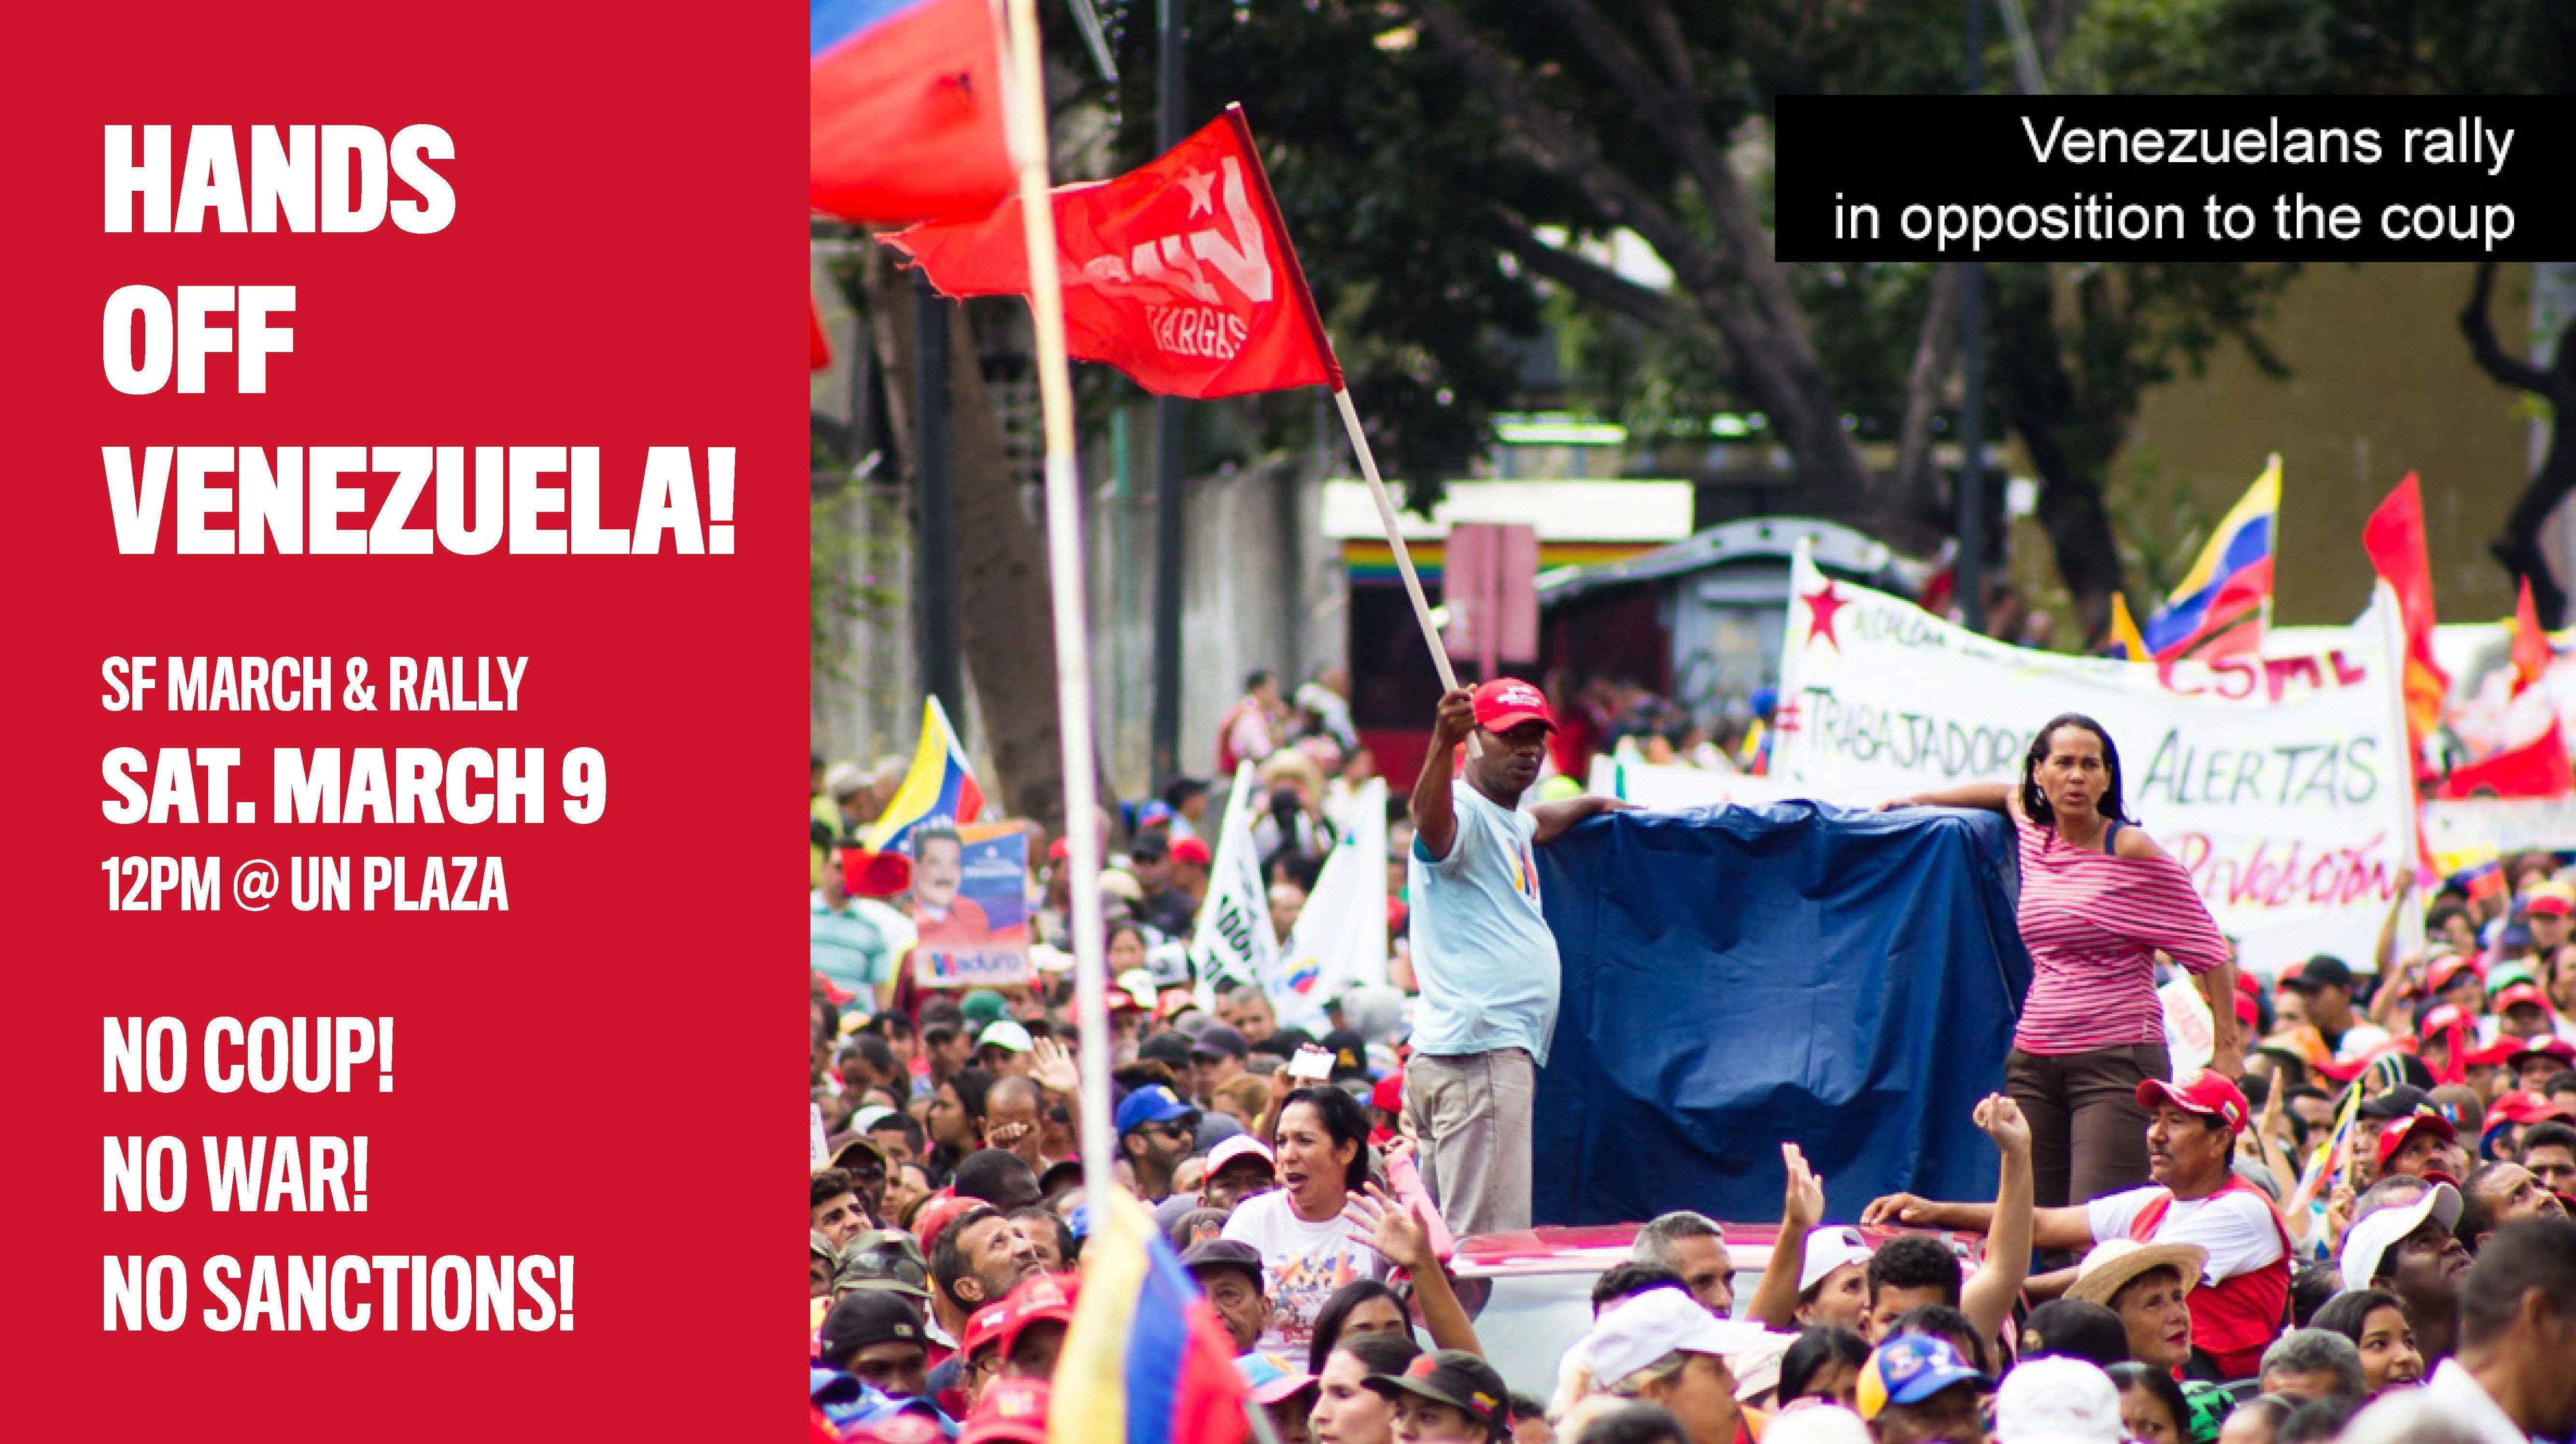 Hands Off Venezuela! No Coup, No War, No Sanctions